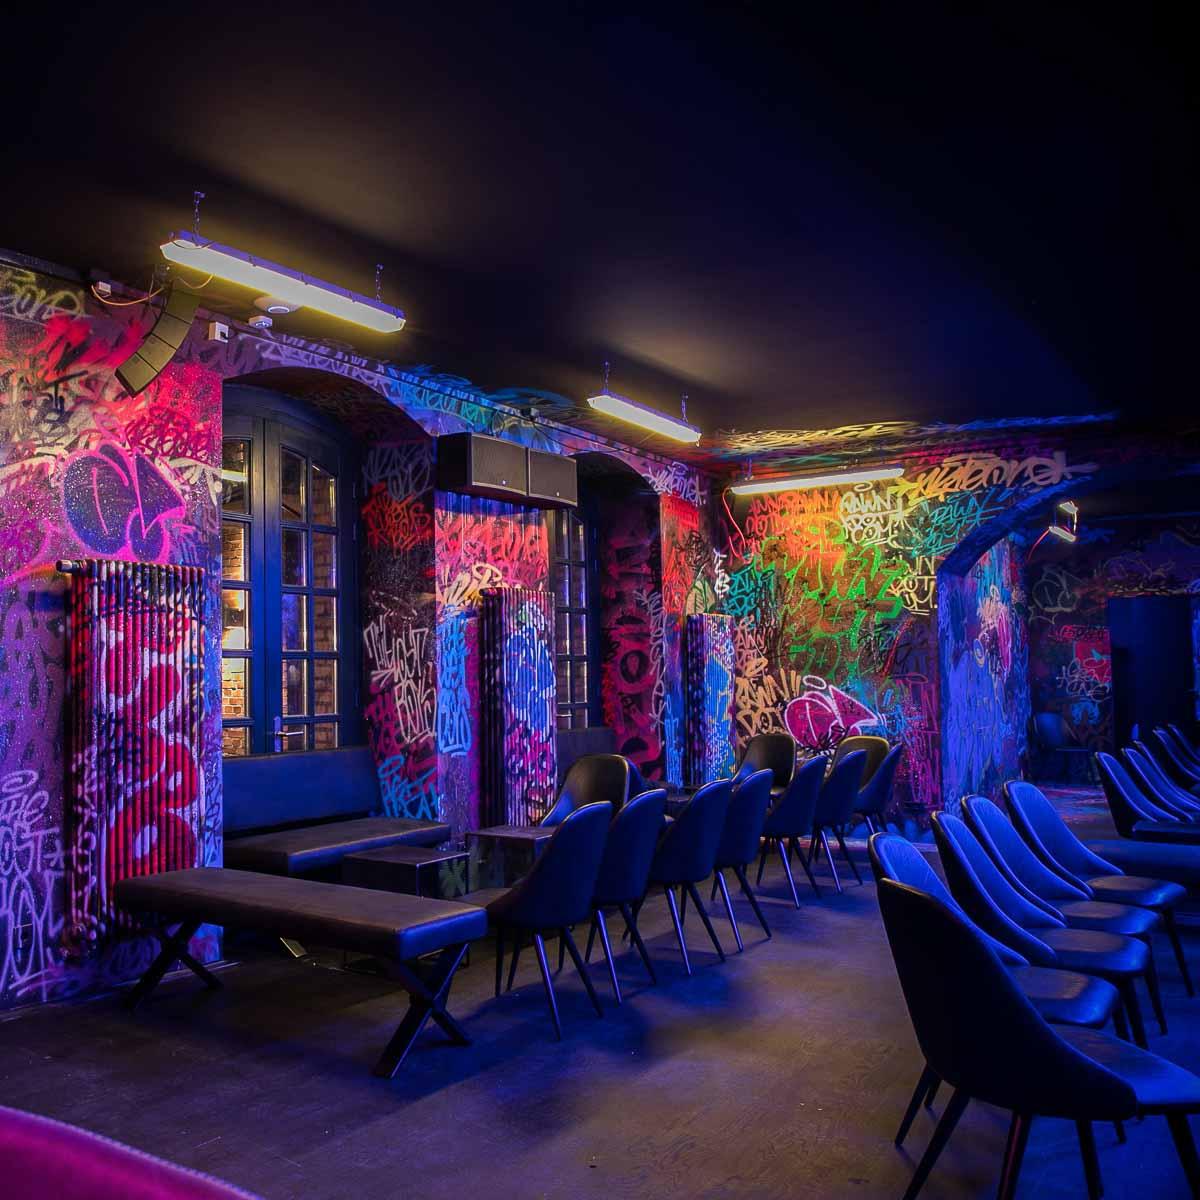 Pawn Dot Com Bar auf der Torstarße in Berlin-Mitte-3